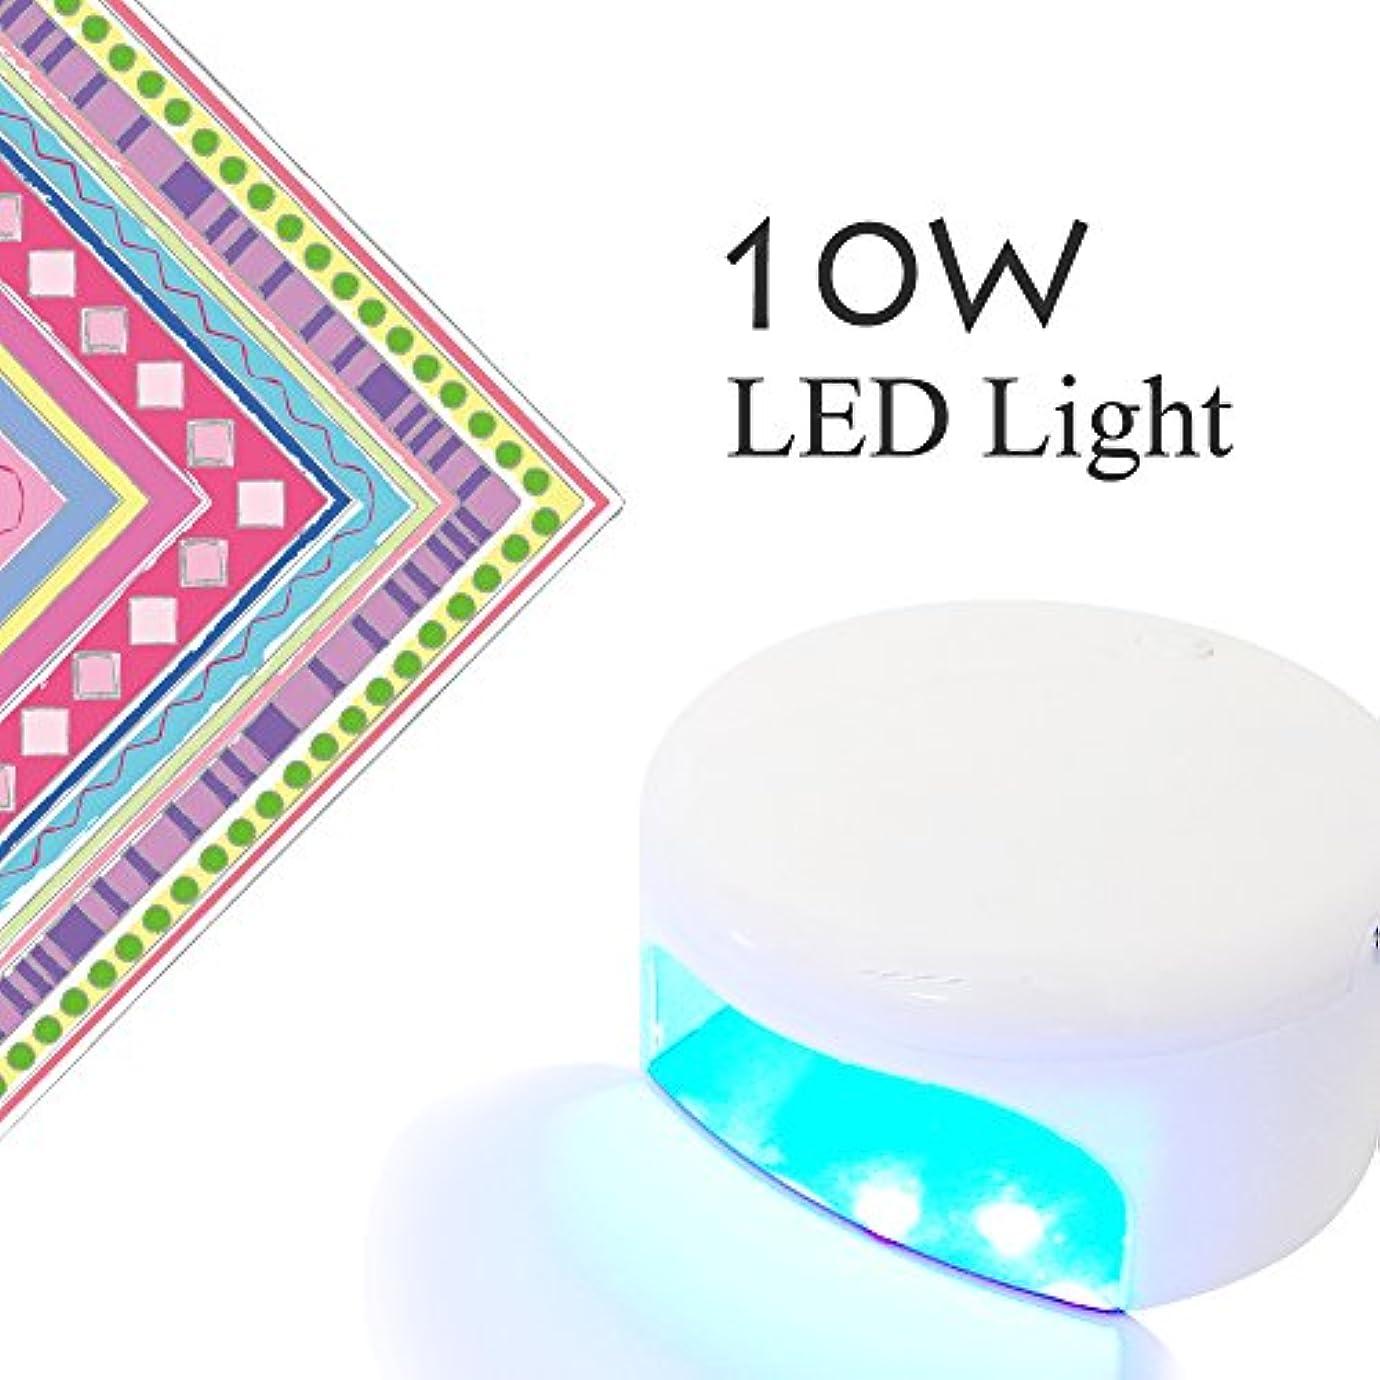 ロッカー商品文字ネイル用LEDライト 10W チップLED搭載 【LED10wライト】コンパクトハイパワー保証書。取扱説明書付き ジェルネイル (10W)